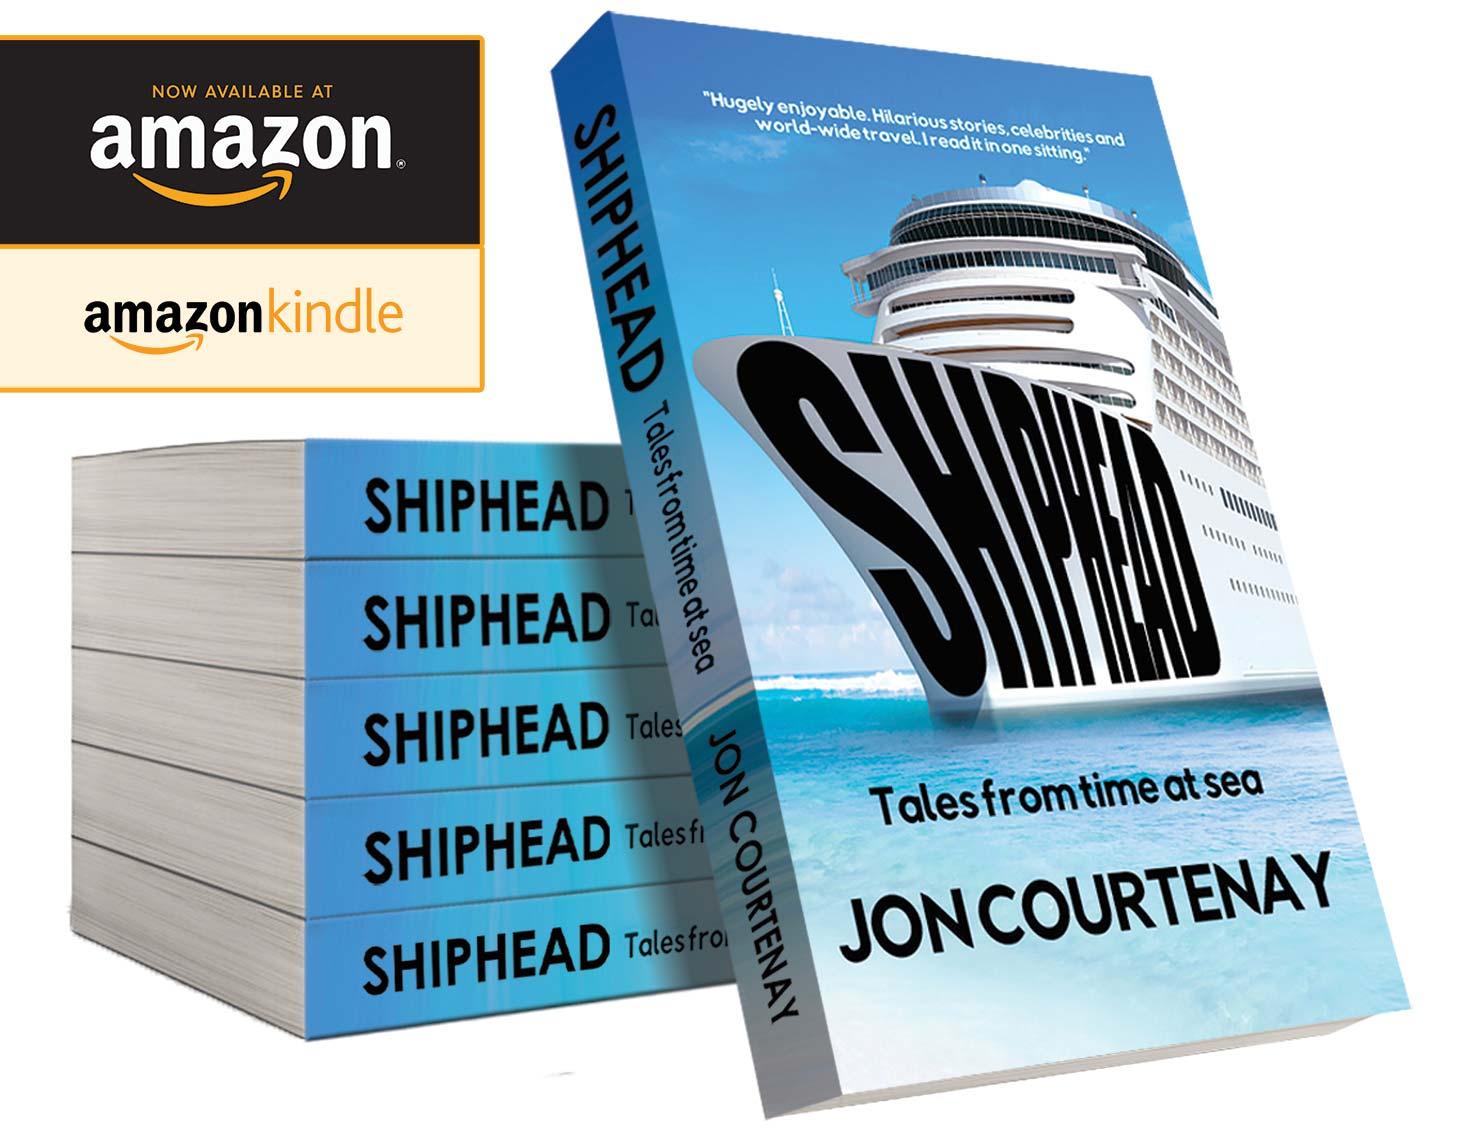 BUY Shiphead at Amazon